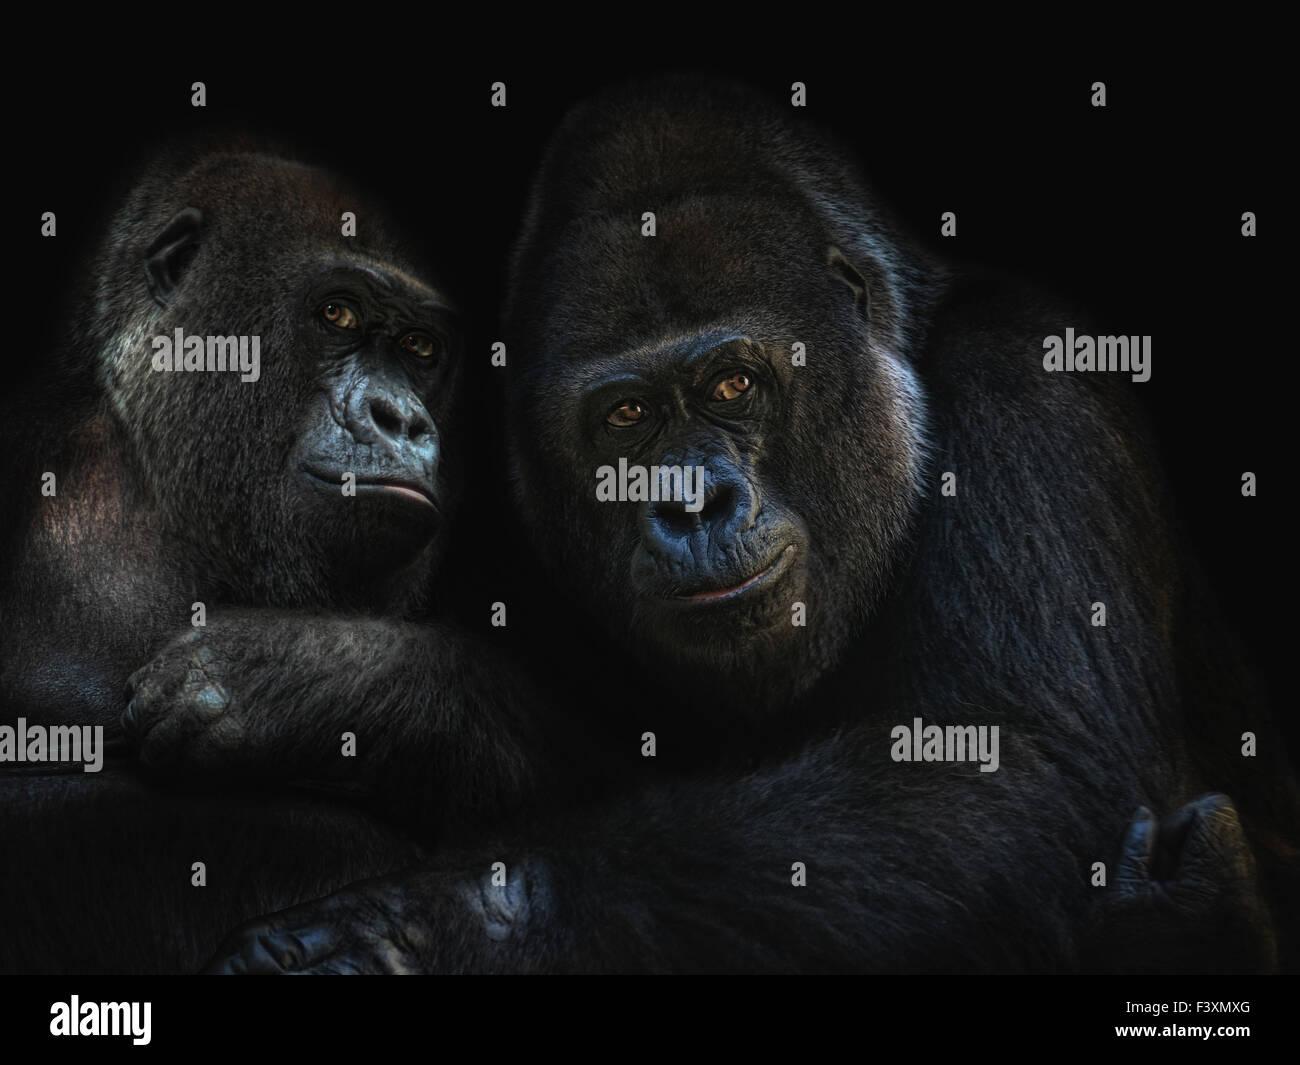 gorillas in love - Stock Image